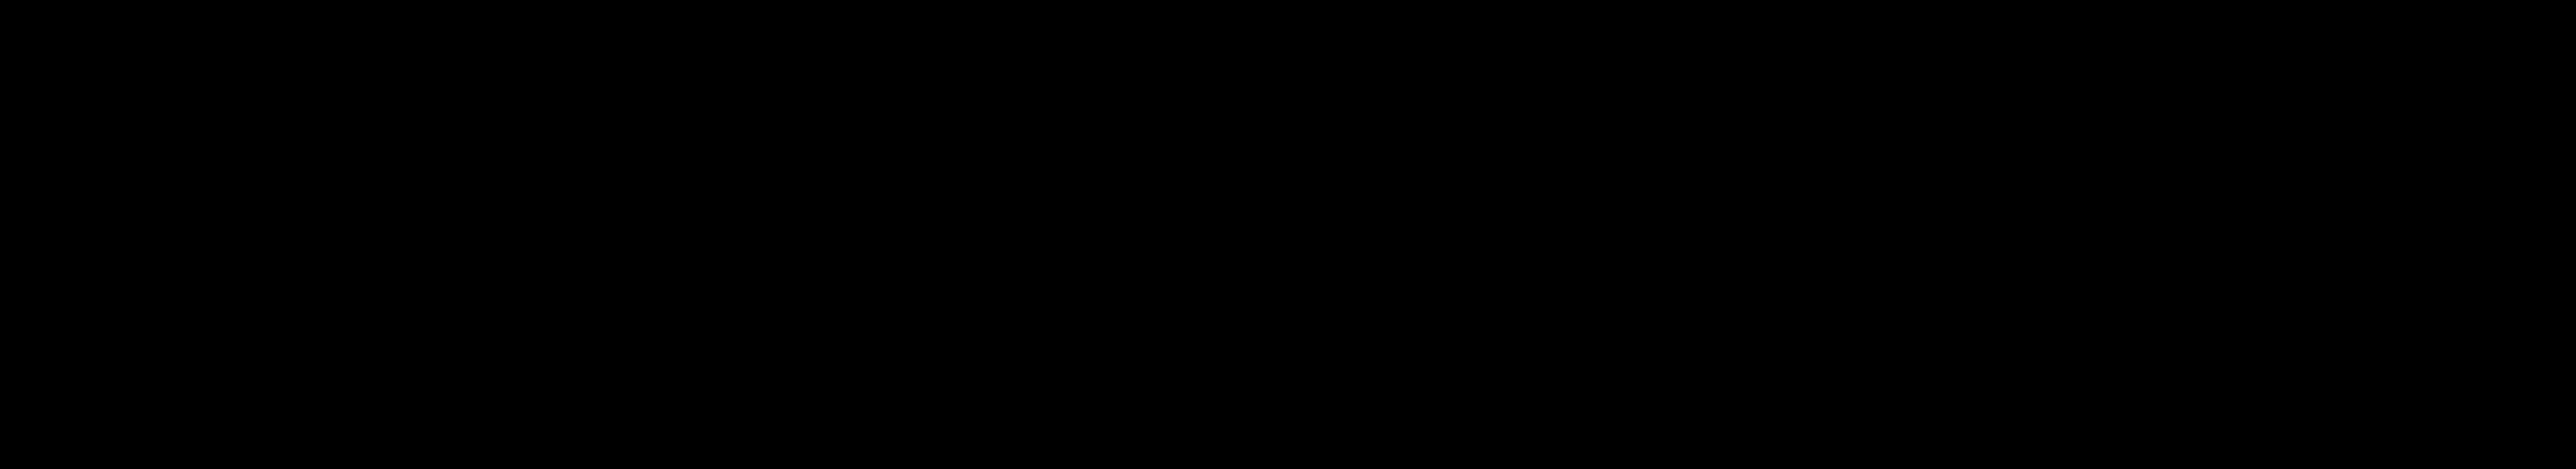 Jupiter vue par la sonde Juno